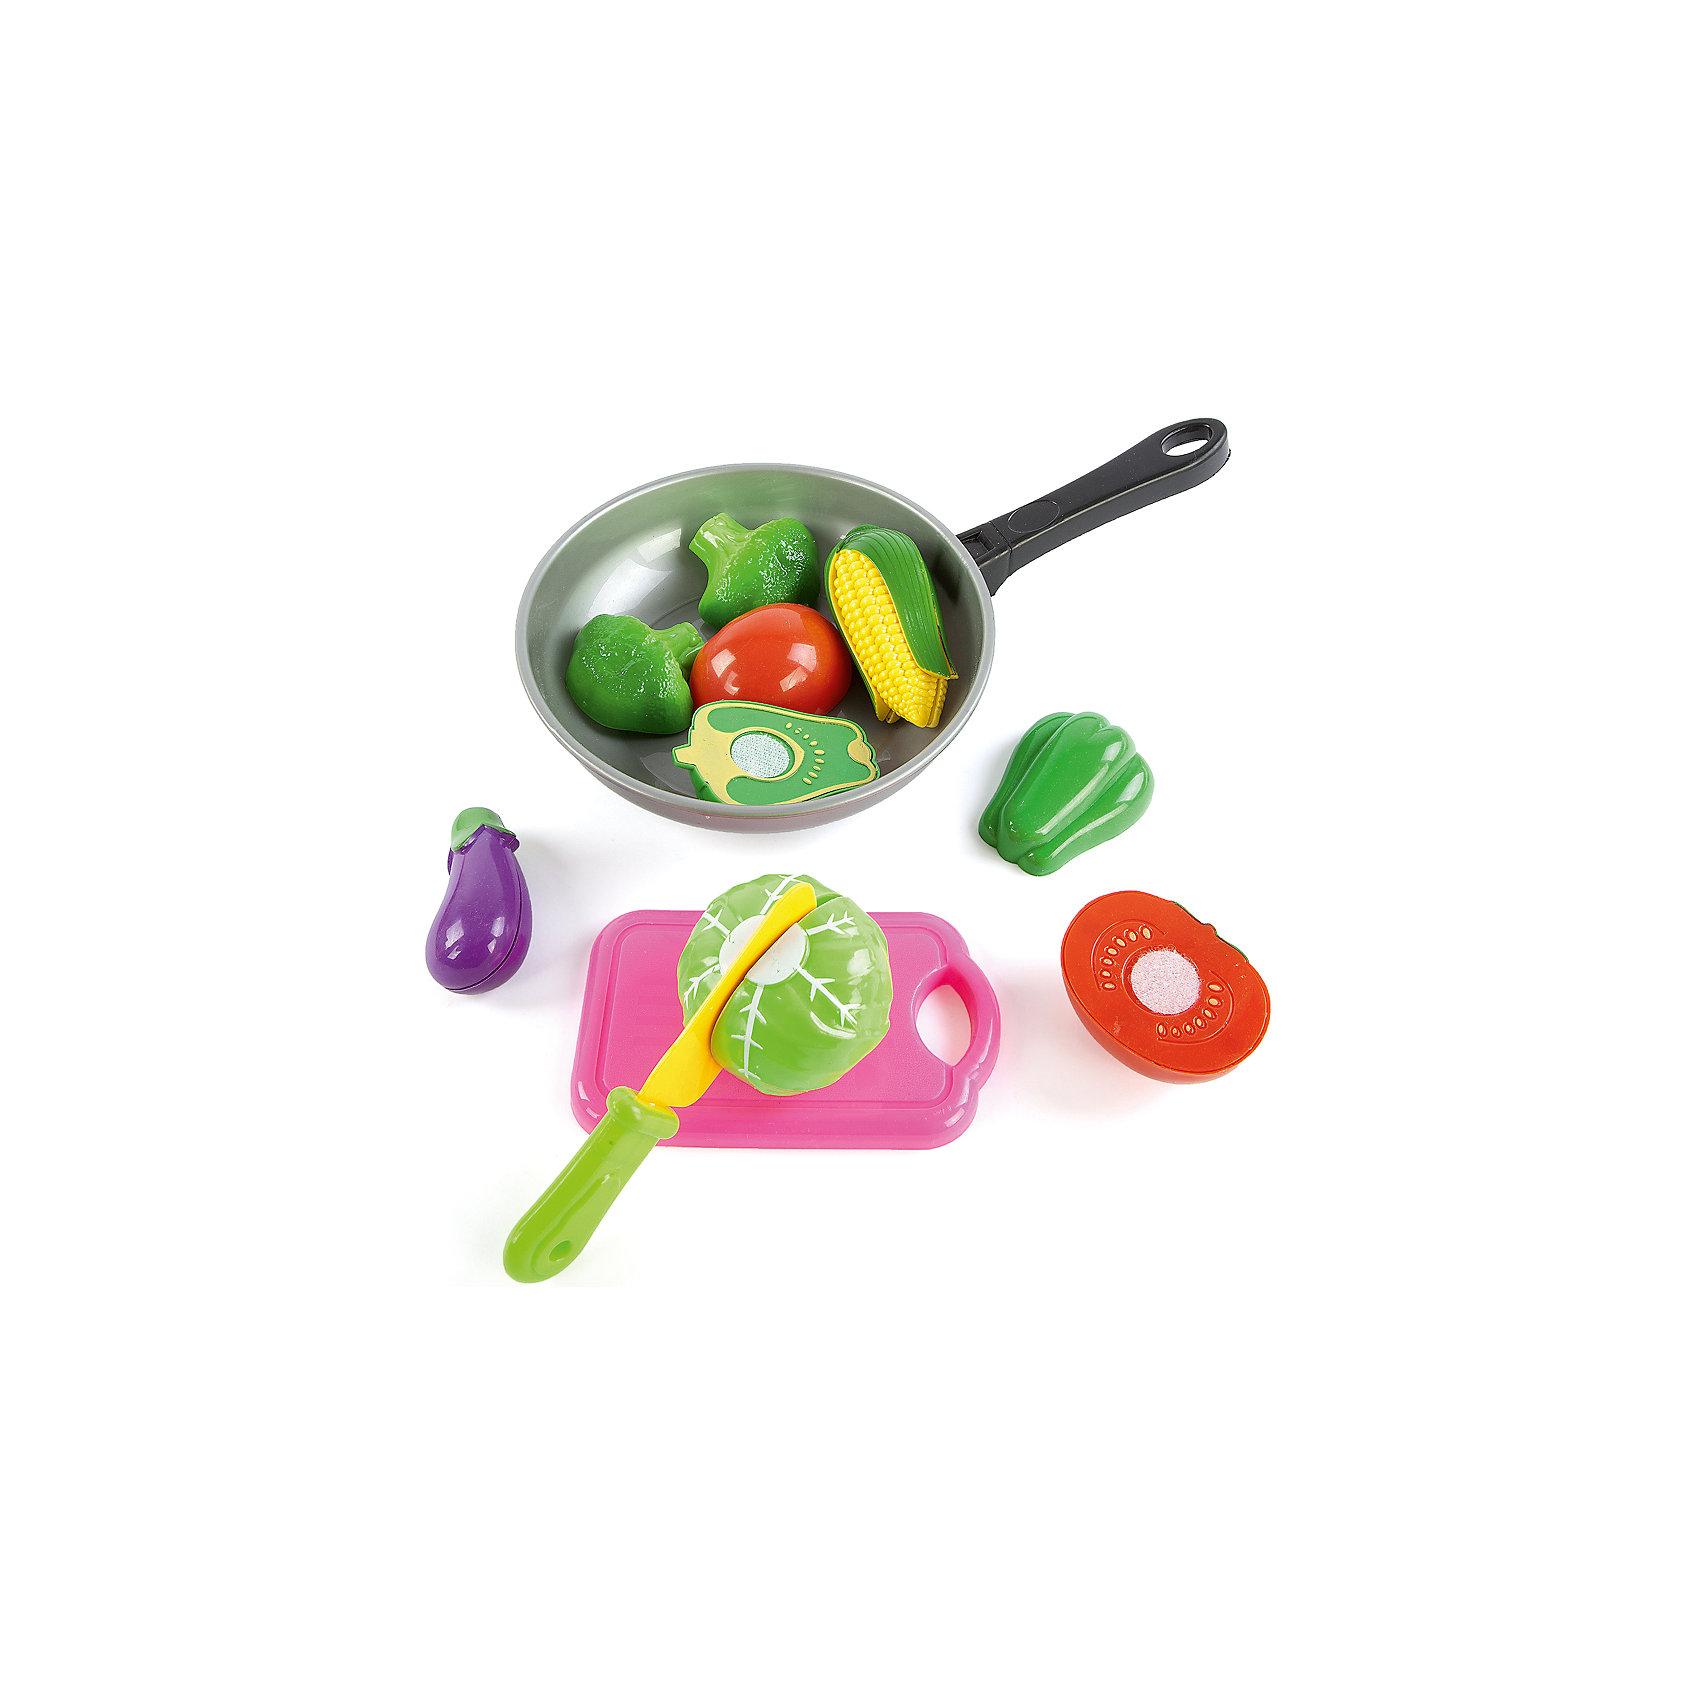 Набор для резки овощей Учимся готовить, 12 предметов, Mary PoppinsИгрушечные продукты питания<br>Набор для резки овощей Учимся готовить, 12 предметов, Mary Poppins.<br><br>Характеристики:<br><br>• Комплектация: овощи, нож, доска, сковорода<br>• Количество предметов: 12<br>• Материал: пластмасса<br>• Упаковка: сетка<br><br>Игровой набор Учимся готовить от компании Mary Poppins состоит из нескольких игрушечных овощей, которые мальчики и девочки смогут разрезать на две части, используя пластмассовый ножик. Также в комплекте имеется сковородка, на которой ребенок сможет готовить разные воображаемые блюда. Набор для резки овощей Учимся готовить станет прекрасным дополнением детской кухни или другой кухонной посуды вашего ребенка. Играя с набором, ваш малыш получит начальные навыки работы с ножом. Все элементы набора изготовлены из качественной гипоаллергенной пластмассы.<br><br>Набор для резки овощей Учимся готовить, 12 предметов, Mary Poppins можно купить в нашем интернет-магазине.<br><br>Ширина мм: 300<br>Глубина мм: 170<br>Высота мм: 60<br>Вес г: 184<br>Возраст от месяцев: 24<br>Возраст до месяцев: 2147483647<br>Пол: Женский<br>Возраст: Детский<br>SKU: 5402762